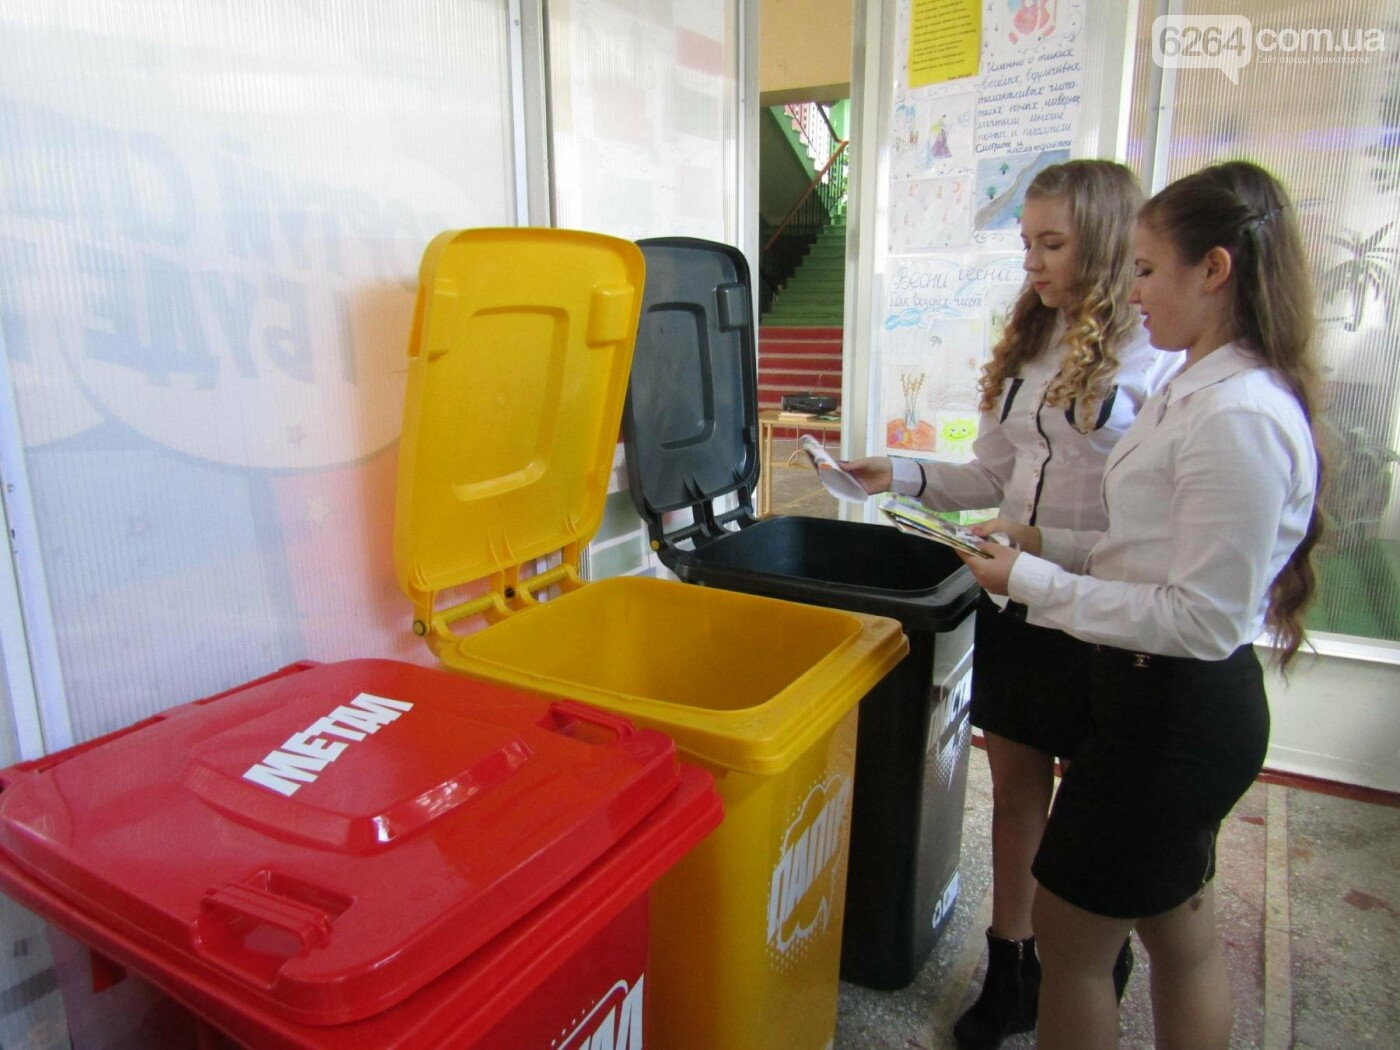 ОШ №24 Краматорска стала первой в городе, где школьники перешли на раздельный сбор отходов, фото-4